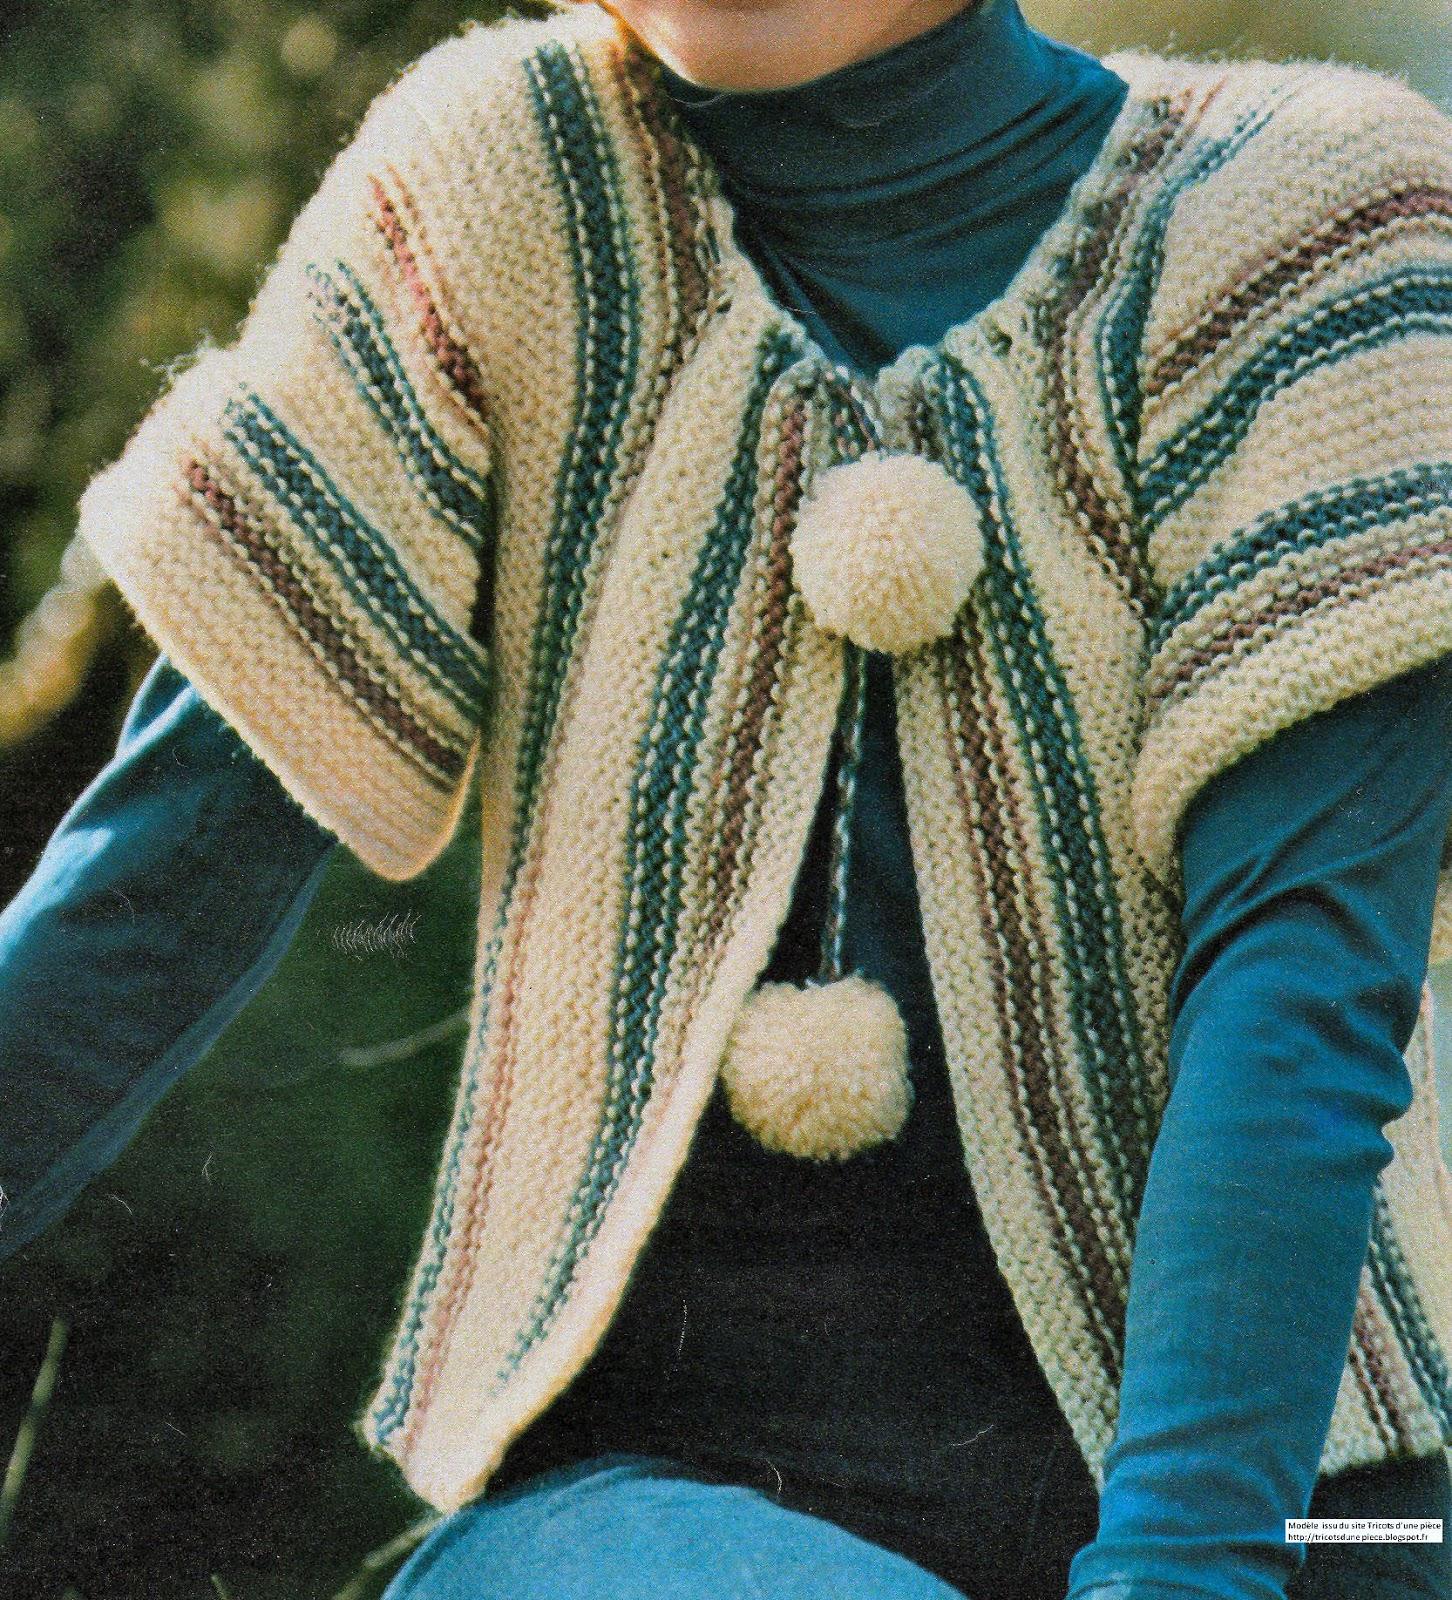 Tricoter un gilet femme point mousse